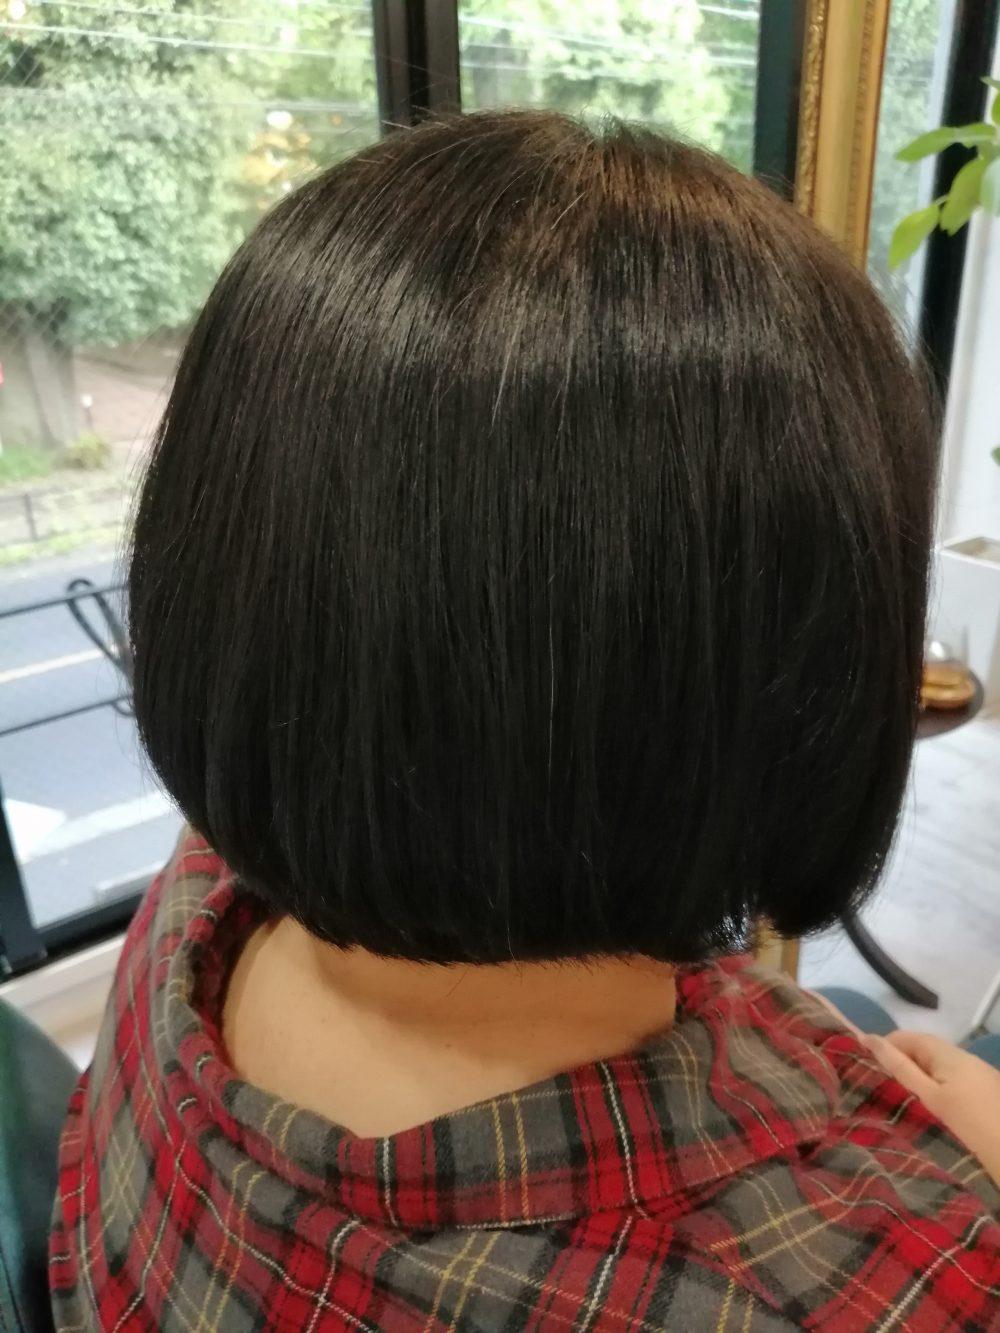 三鷹、吉祥寺、美容室、LunaetSol、髪質改善、キューティクルケア低還元トリートメン